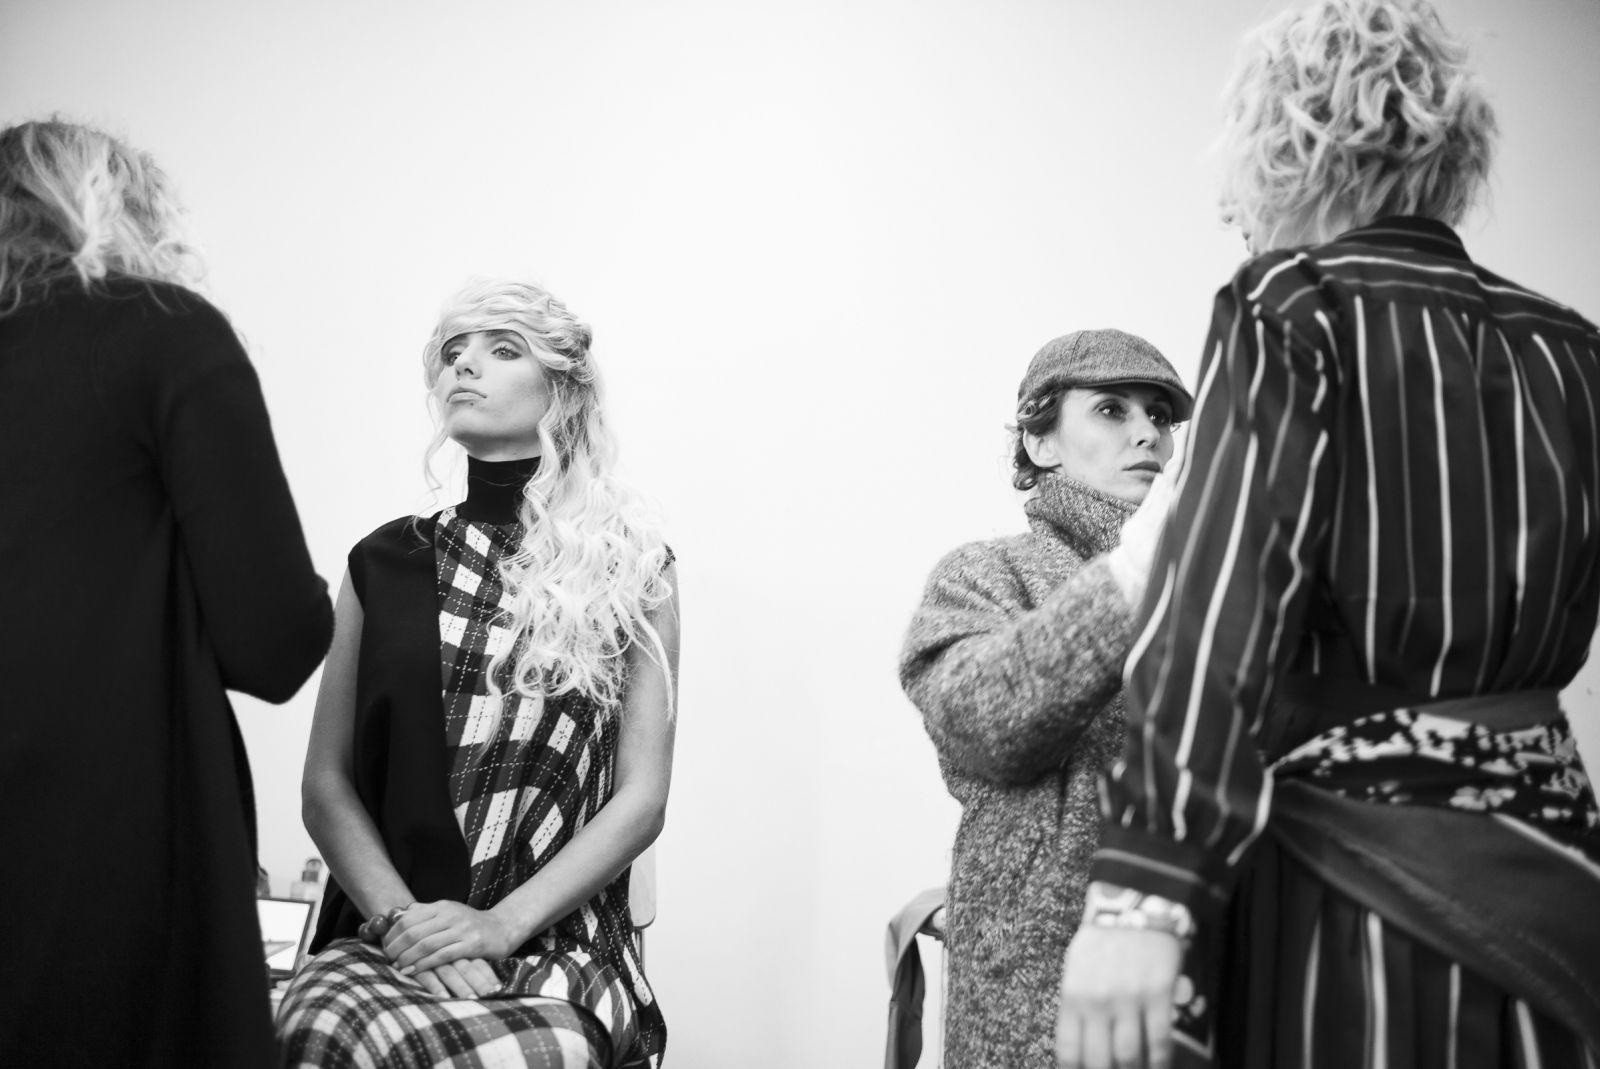 impulse, Margy Lyubomirova, frizura, 2019 frizura kollekció, bwnet, BWNet_online időpontfoglaló program